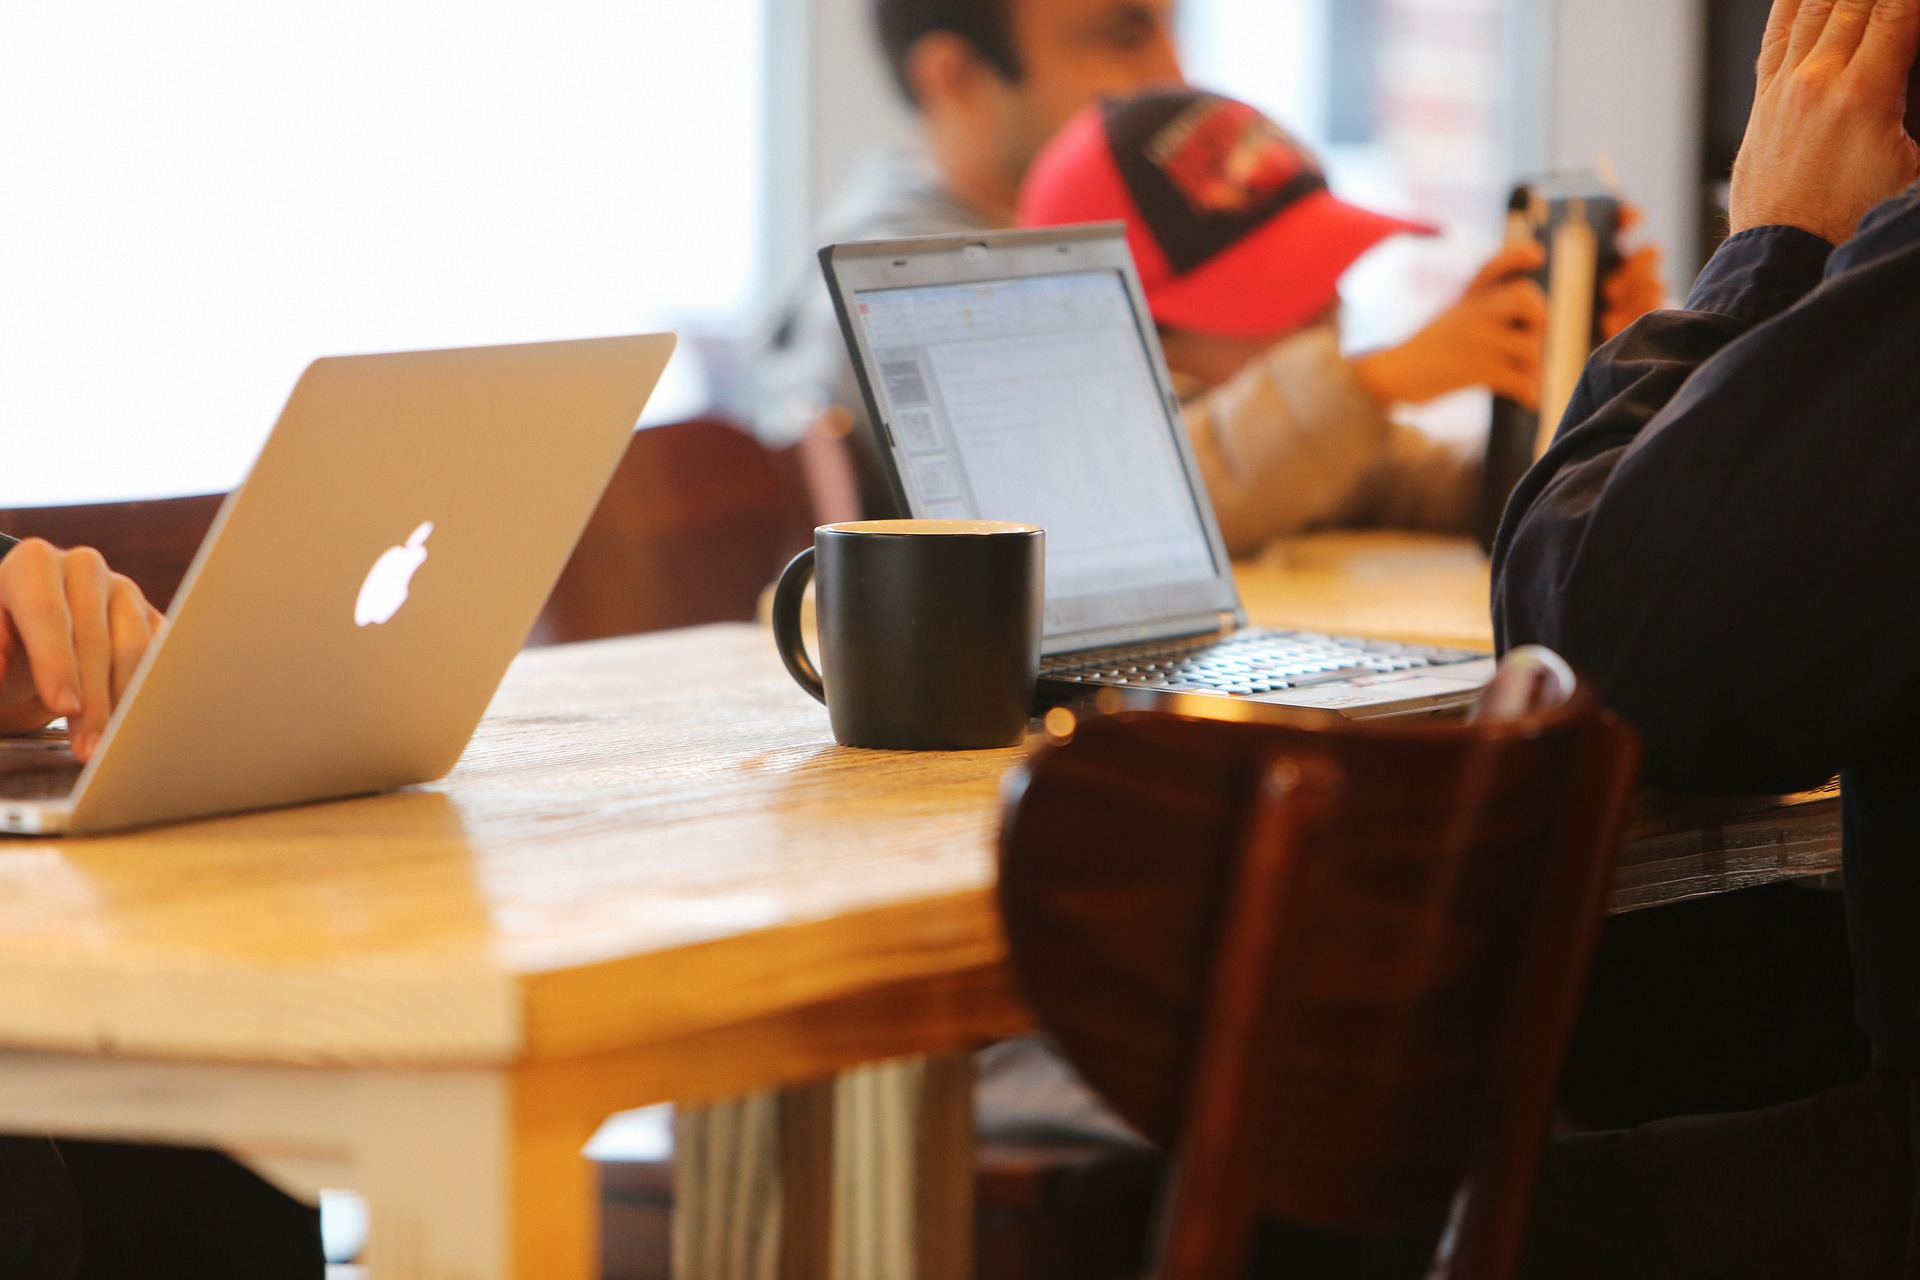 Imagem mostra uma sala com várias pessoas usando notebooks.